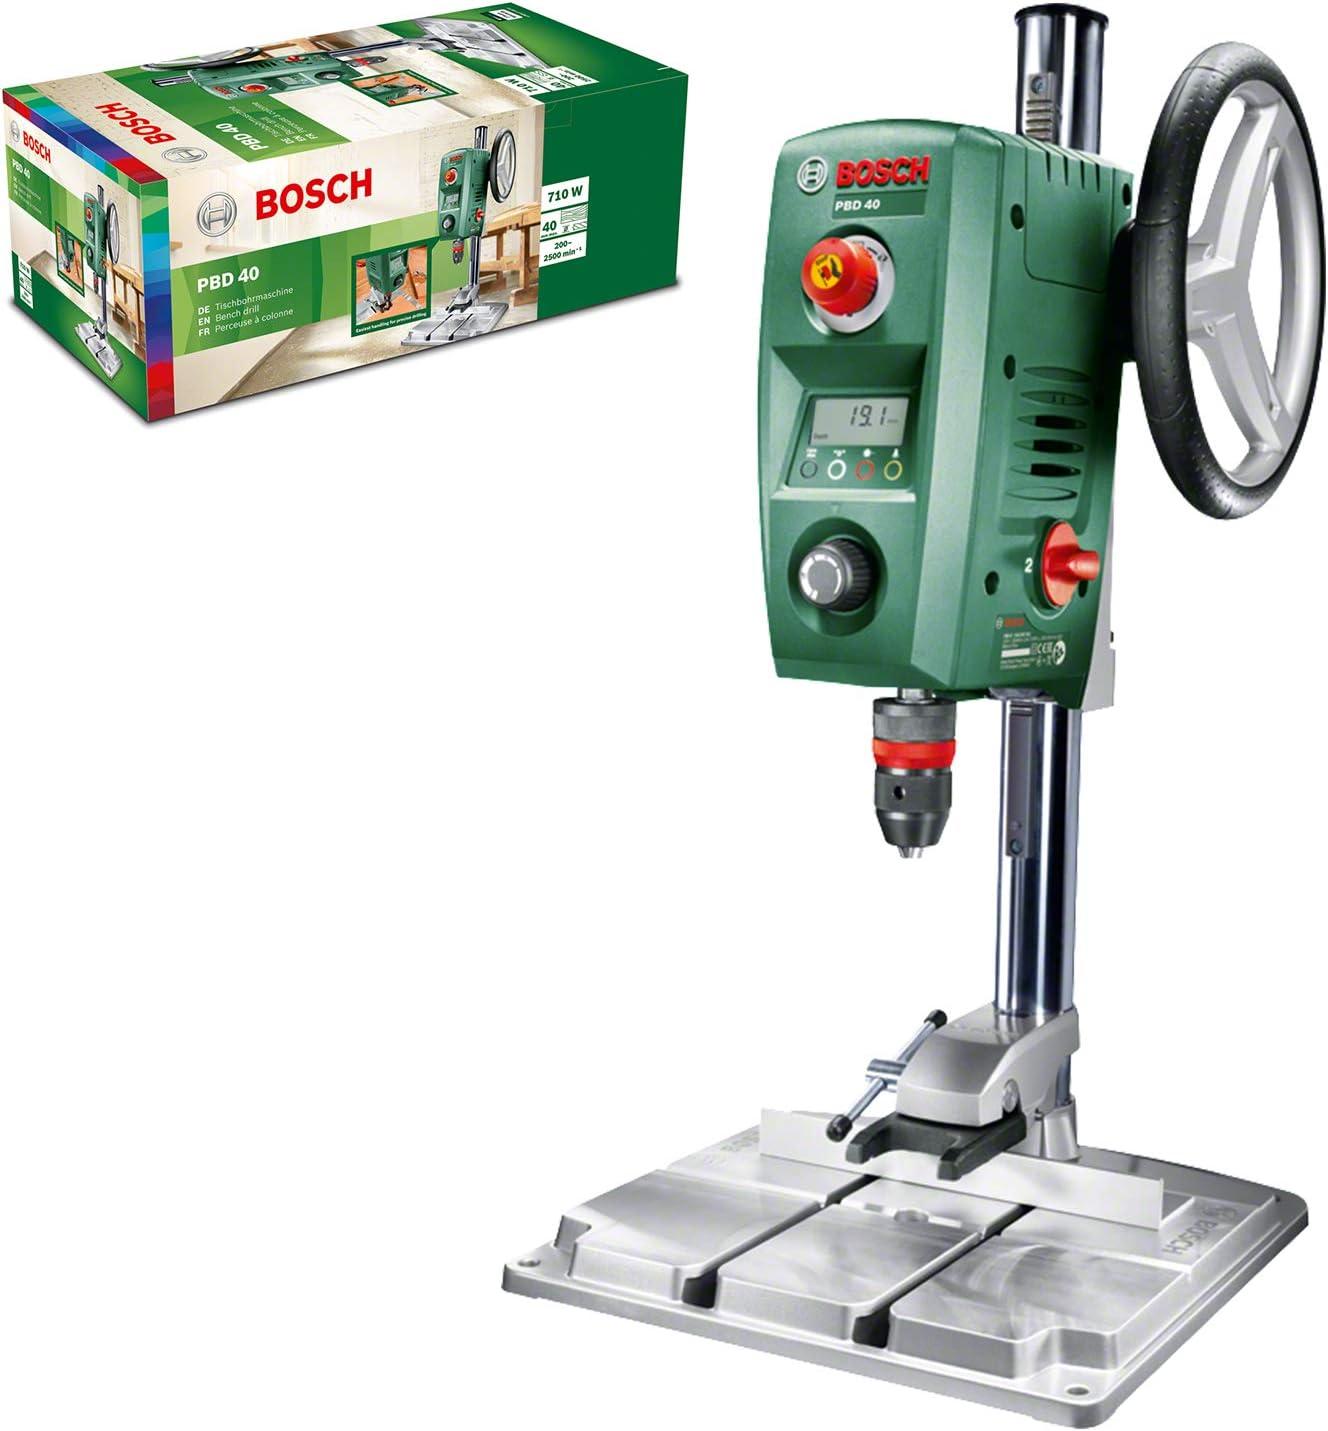 Bosch PBD 40 - Taladro de columna (710 W, caja de cartón): Amazon.es: Bricolaje y herramientas